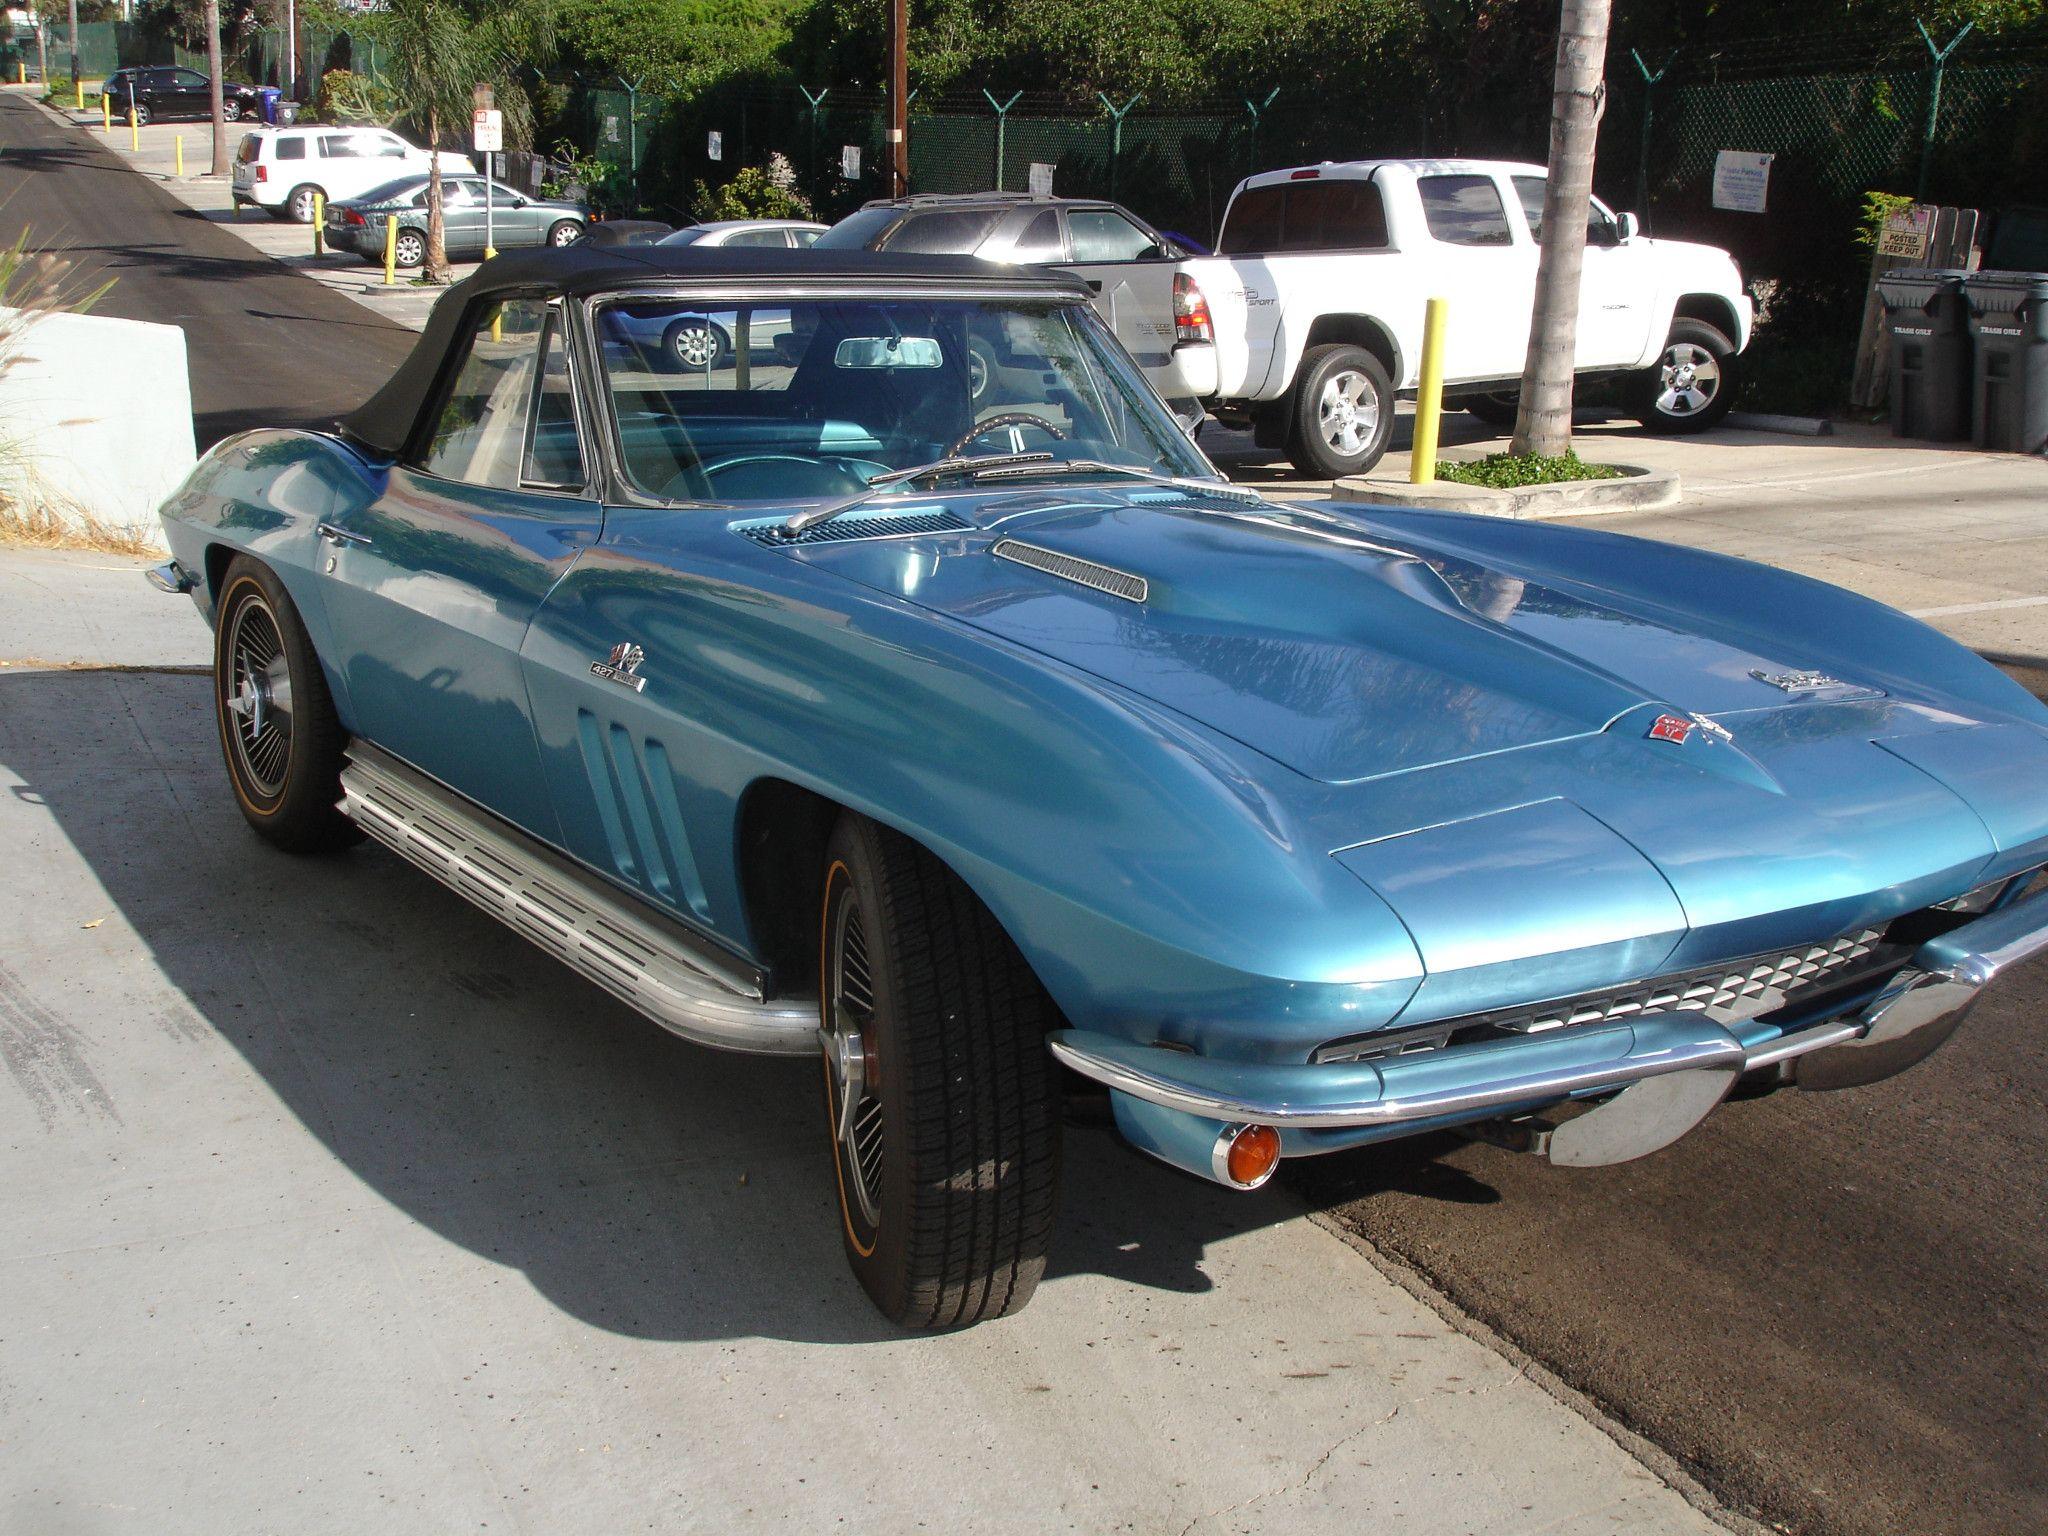 1966 Chevrolet Corvette 427 390 Convertible 4 Speed Chevrolet Corvette Corvette Chevrolet